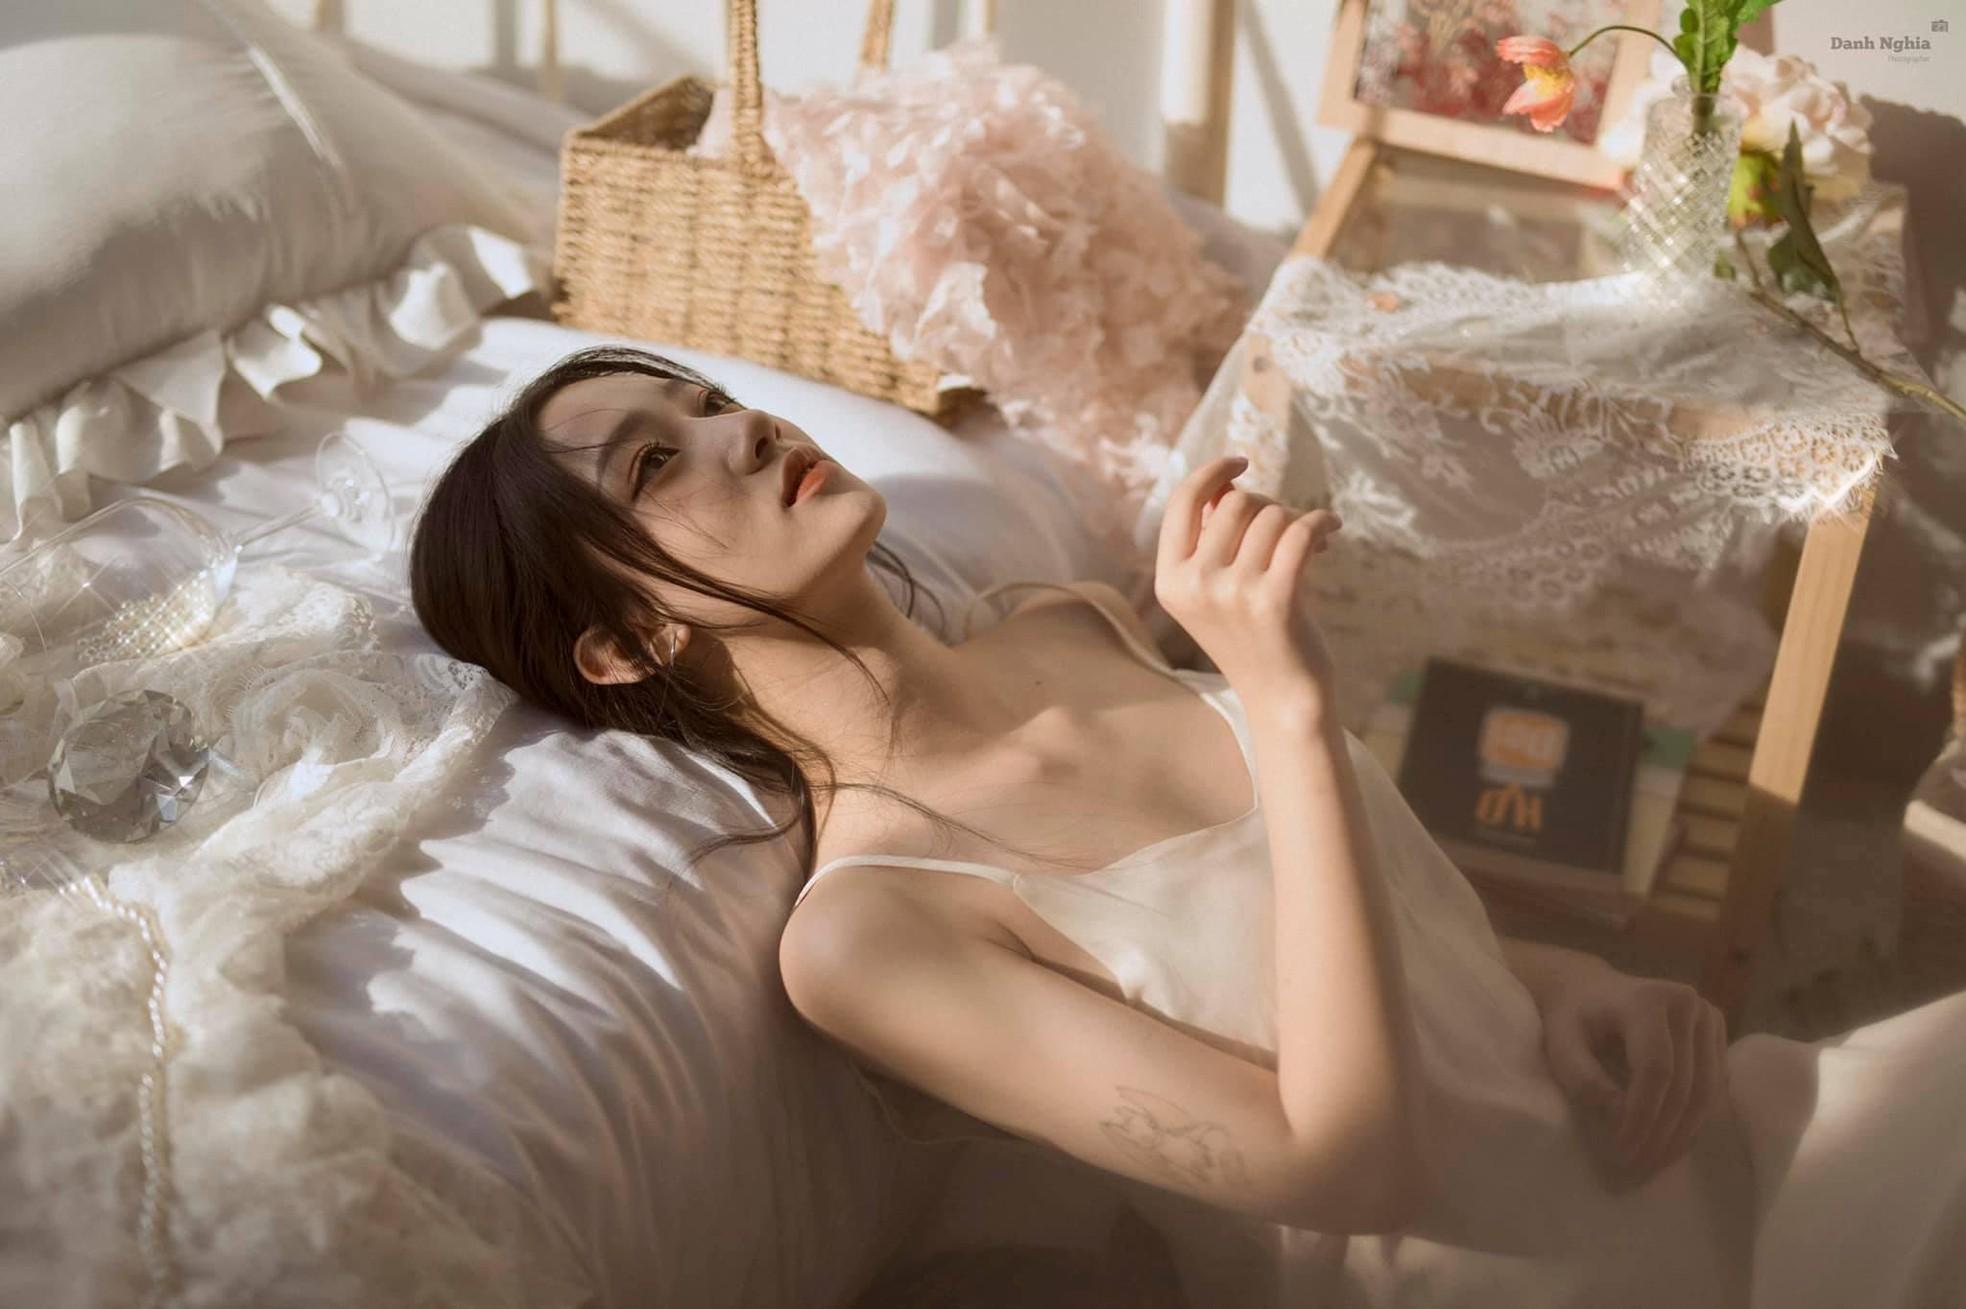 """Ngẩn ngơ trước vẻ đẹp mong manh của """"nàng thơ"""" Đà Lạt ảnh 11"""